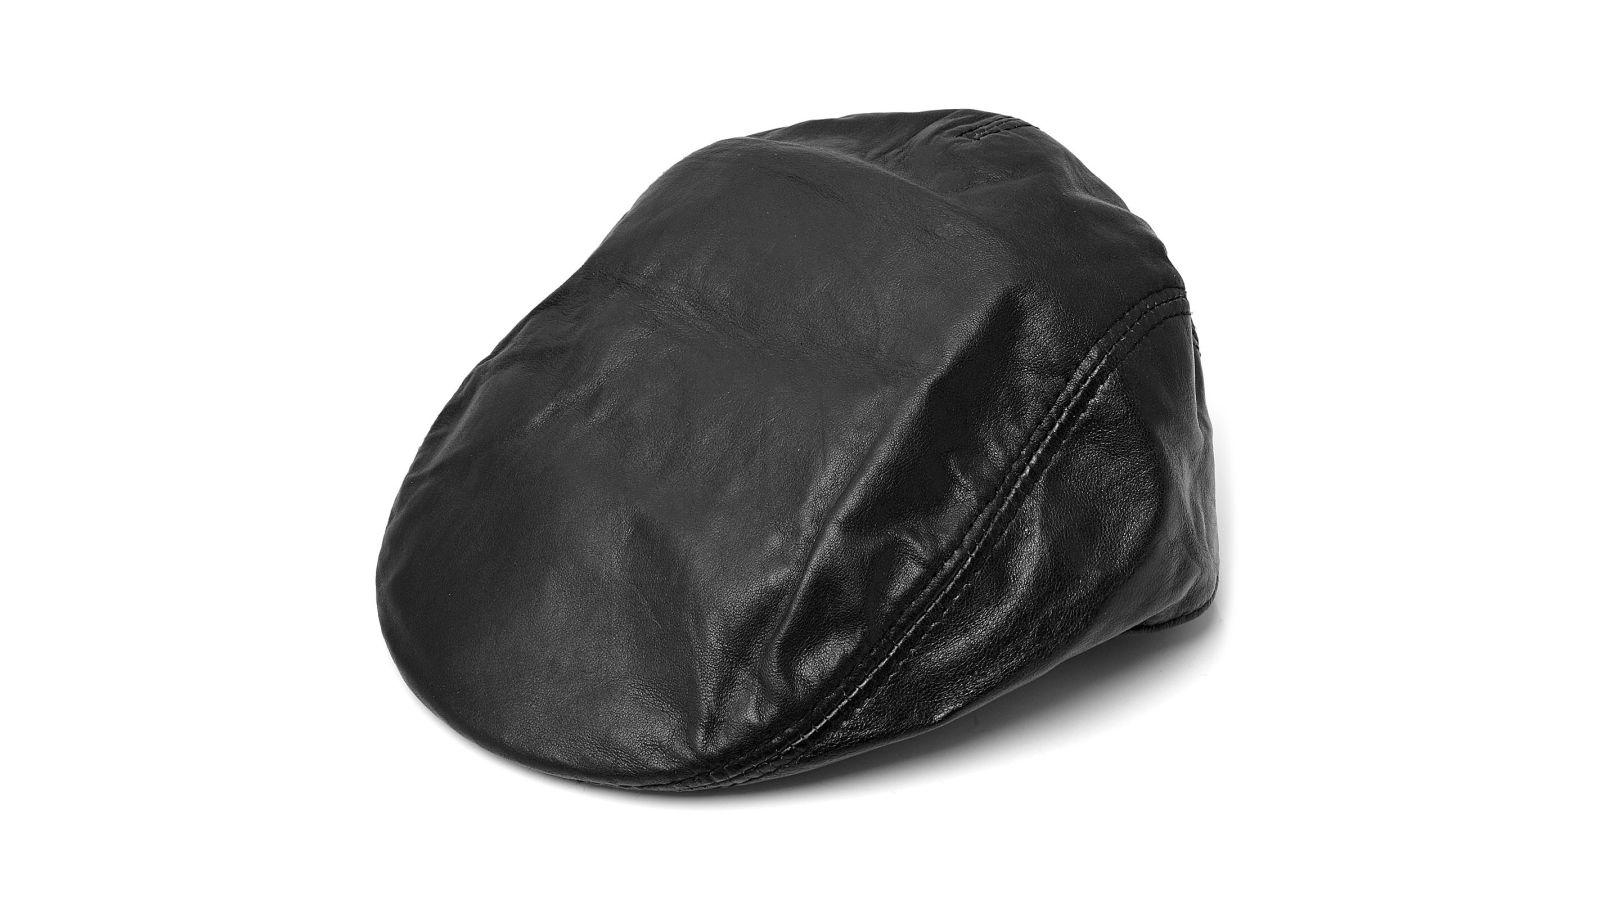 Servizio Spedizione Pelle : Berretto piatto di pelle nero opaco spedizione gratuita